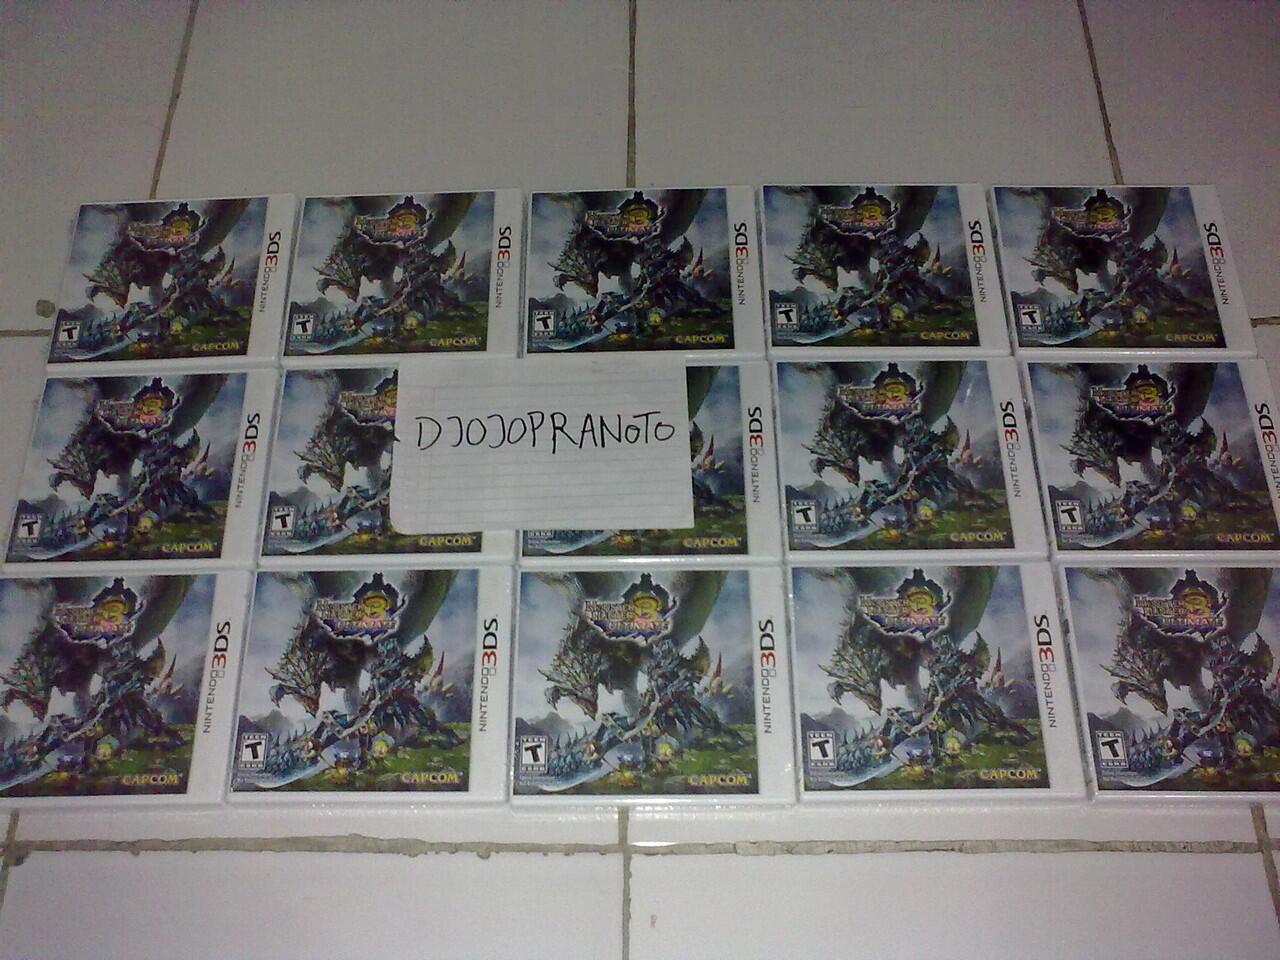 3DS Donkey Kong,S.Megami Soul Hacker,Lego City,Monster Hunter,Luigi Mansion,F Emblem